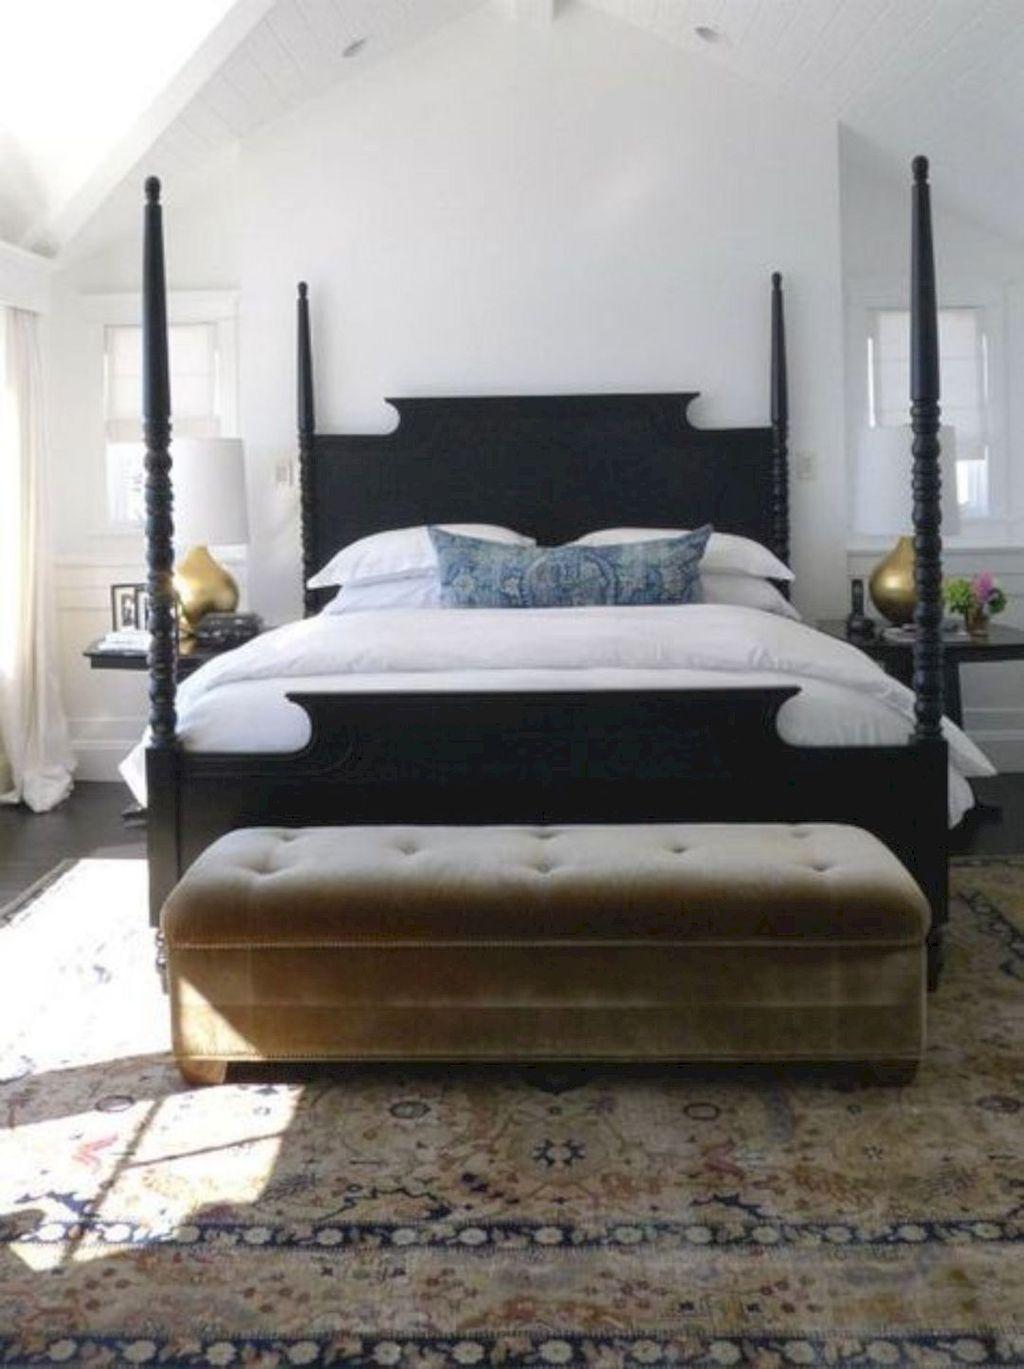 Inspiring Traditional Bedroom Decor Ideas 09